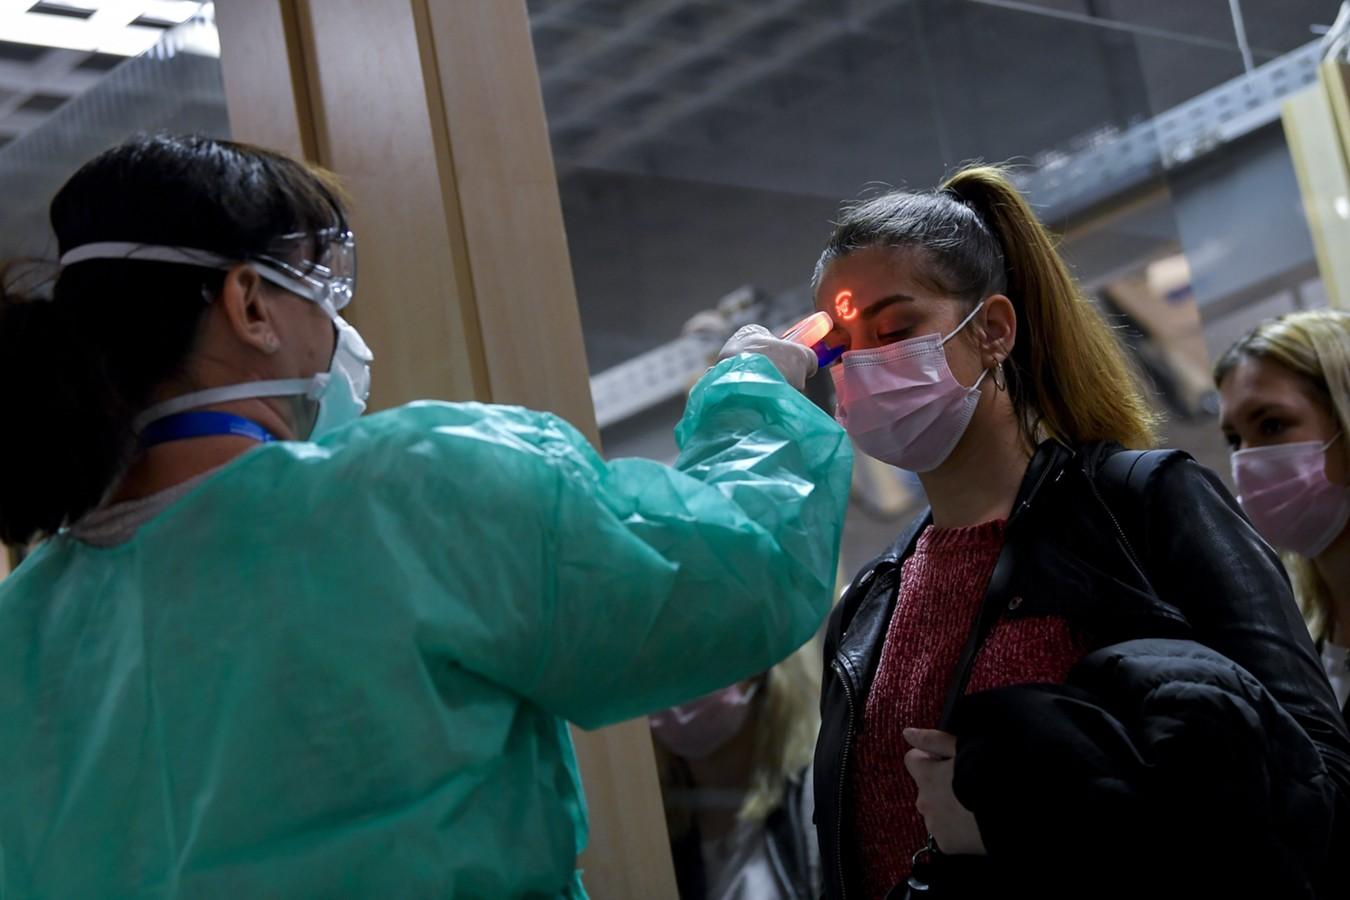 Возраст порядка 50% вновь заболевших коронавирусом в Москве составил менее 45 лет